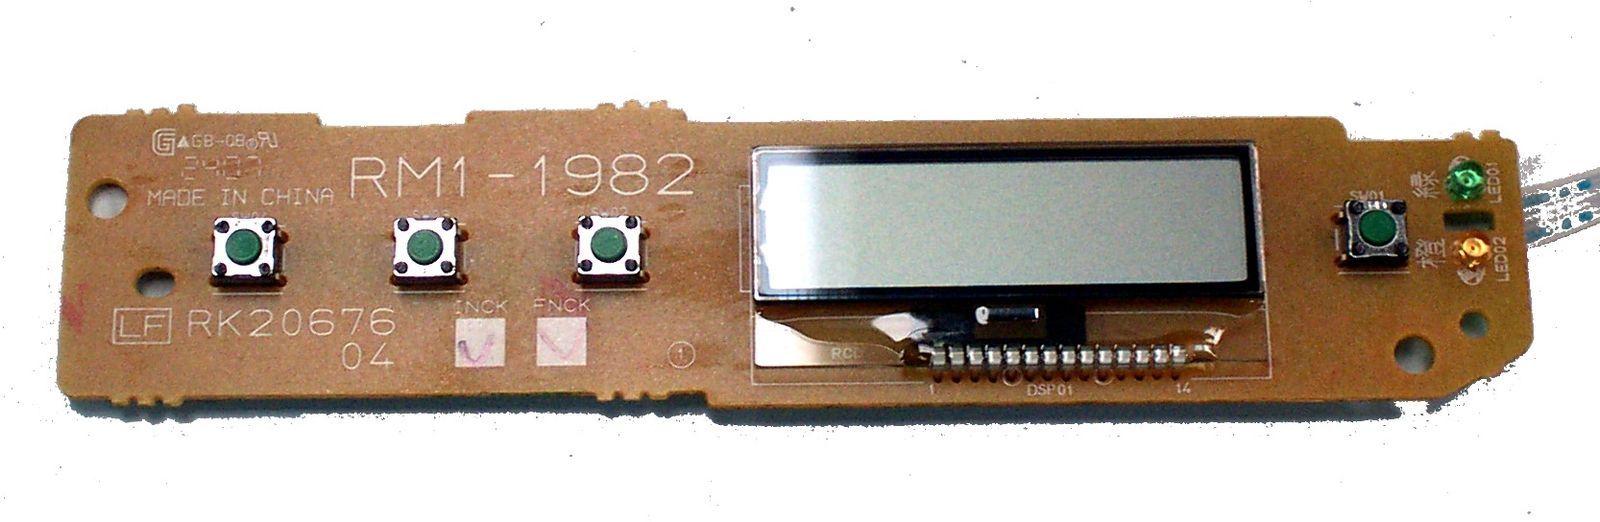 Painel de Controle HP Color LaserJet 2600 RM1-1982